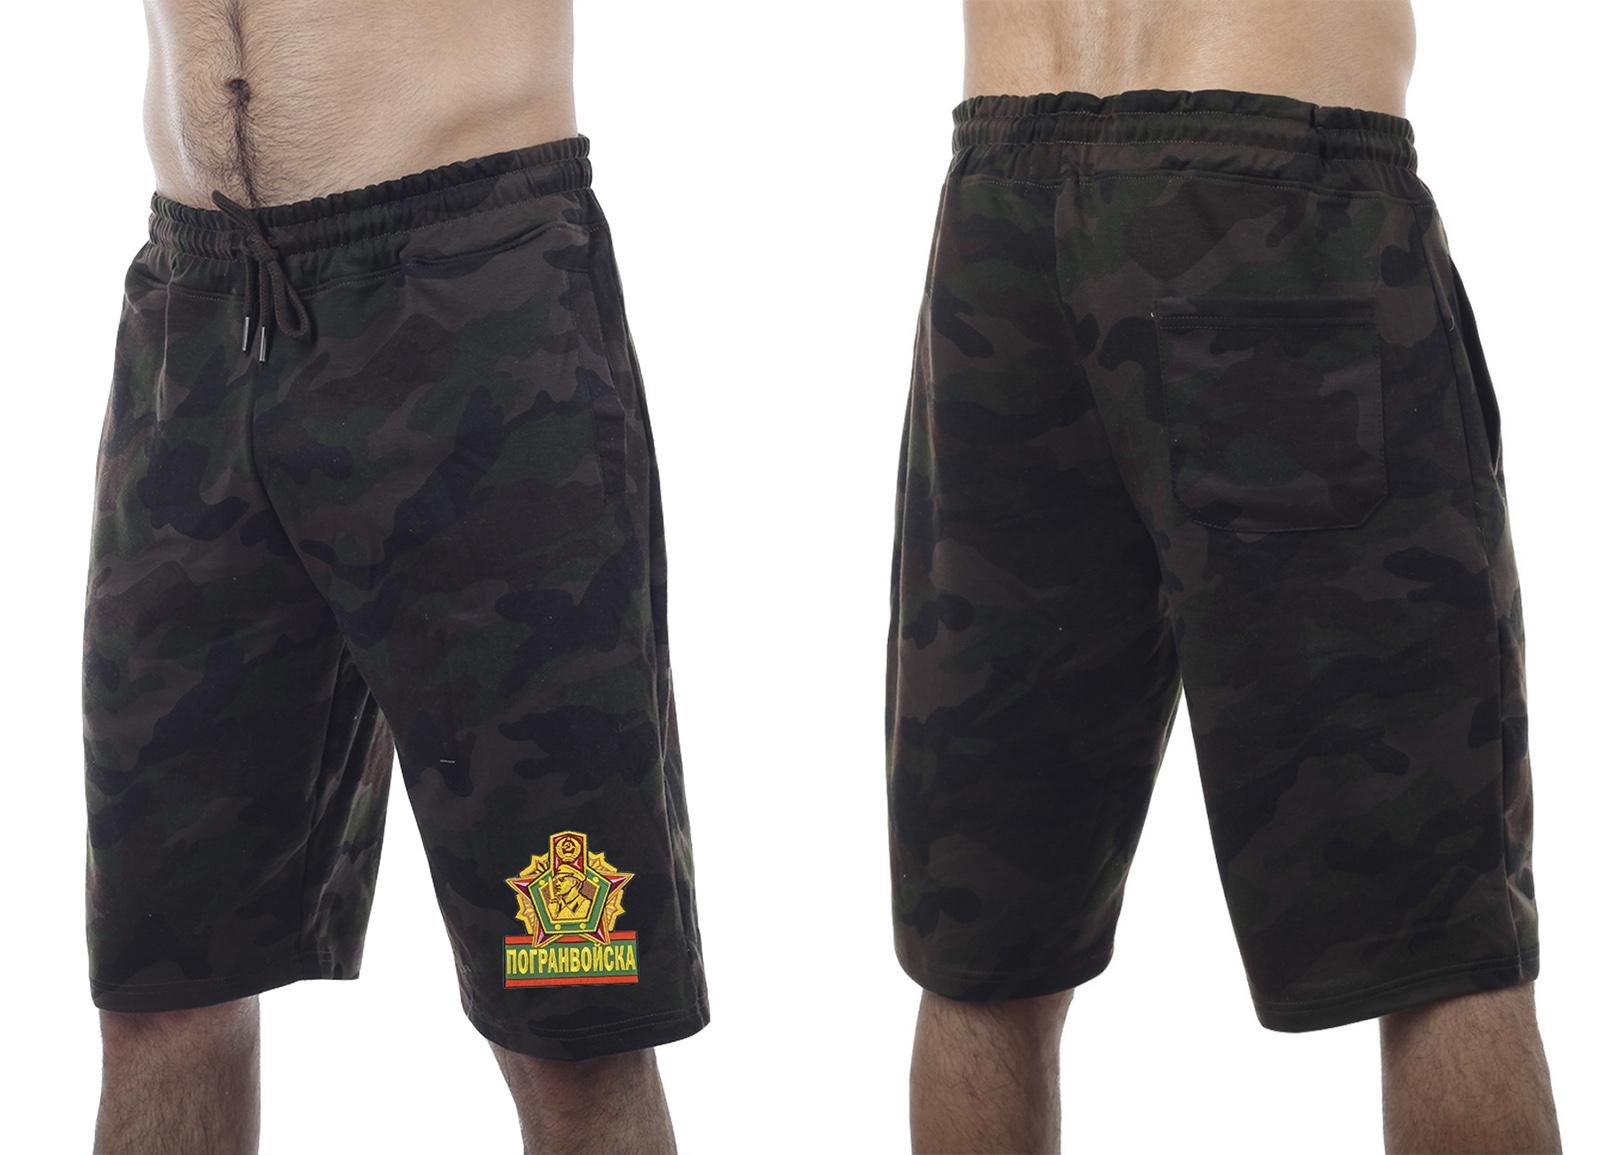 Надежные темные милитари-шорты с нашивкой Погранвойска - купить с доставкой